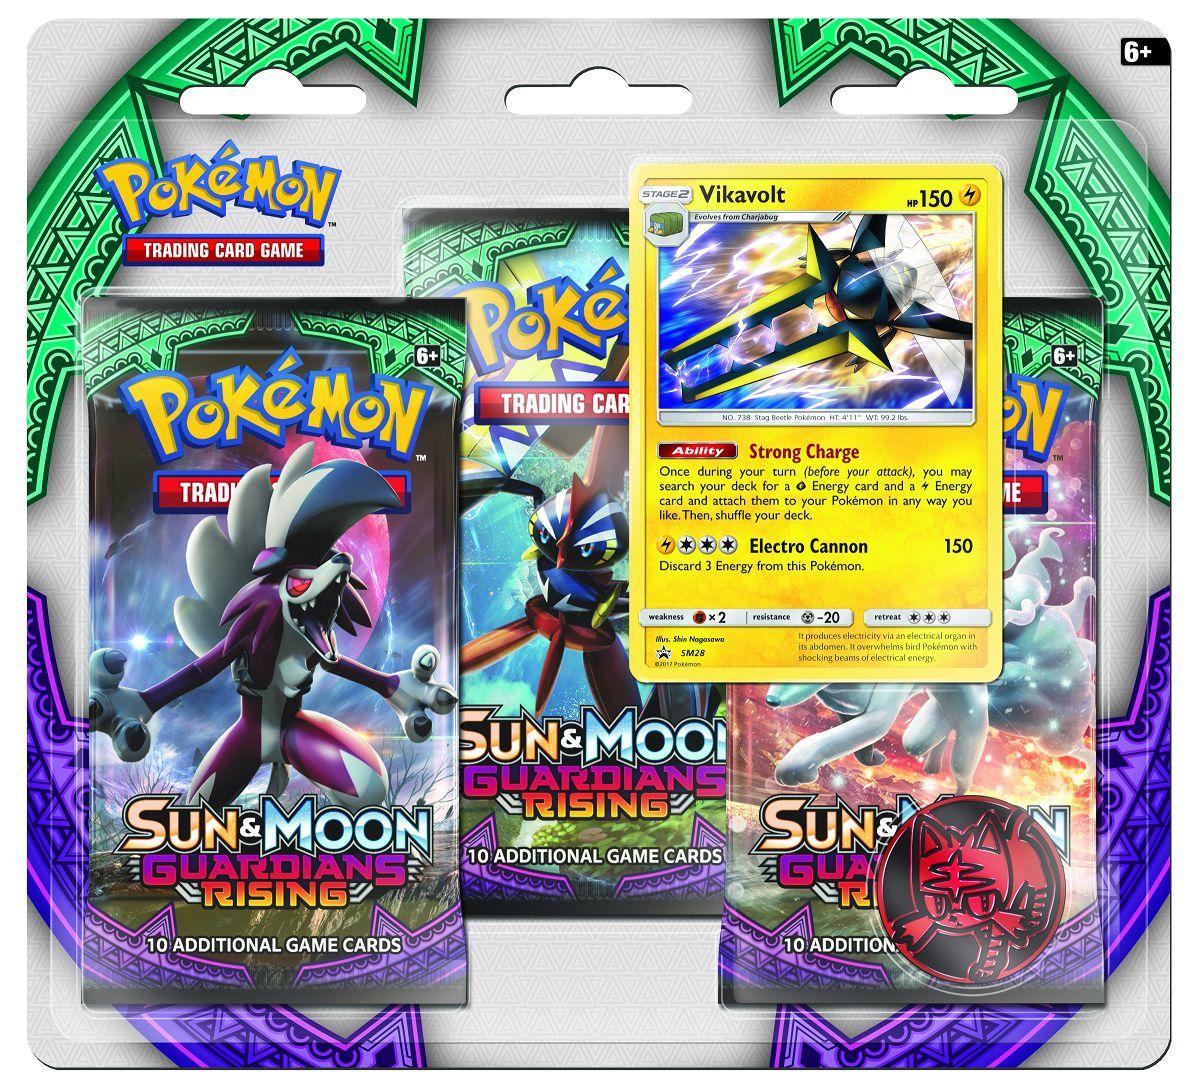 Коллекционная карточная игра Pokemon Sun &amp; Moon Guardians Rising: Тройной блистер + Промо-карта Vikavolt + МонетаВы будете поражены секретными силами Коммо-о-GX, Лайканрока-GX, Метагросса-GX, Силвеона-GX, Токсапекса-GX, Викавольта-GX и многих других! Приезжайте на острова и захватите власть Покемонов из расширения Pok&amp;#233;mon Sun &amp;amp; Moon «Guardians Rising»!<br>